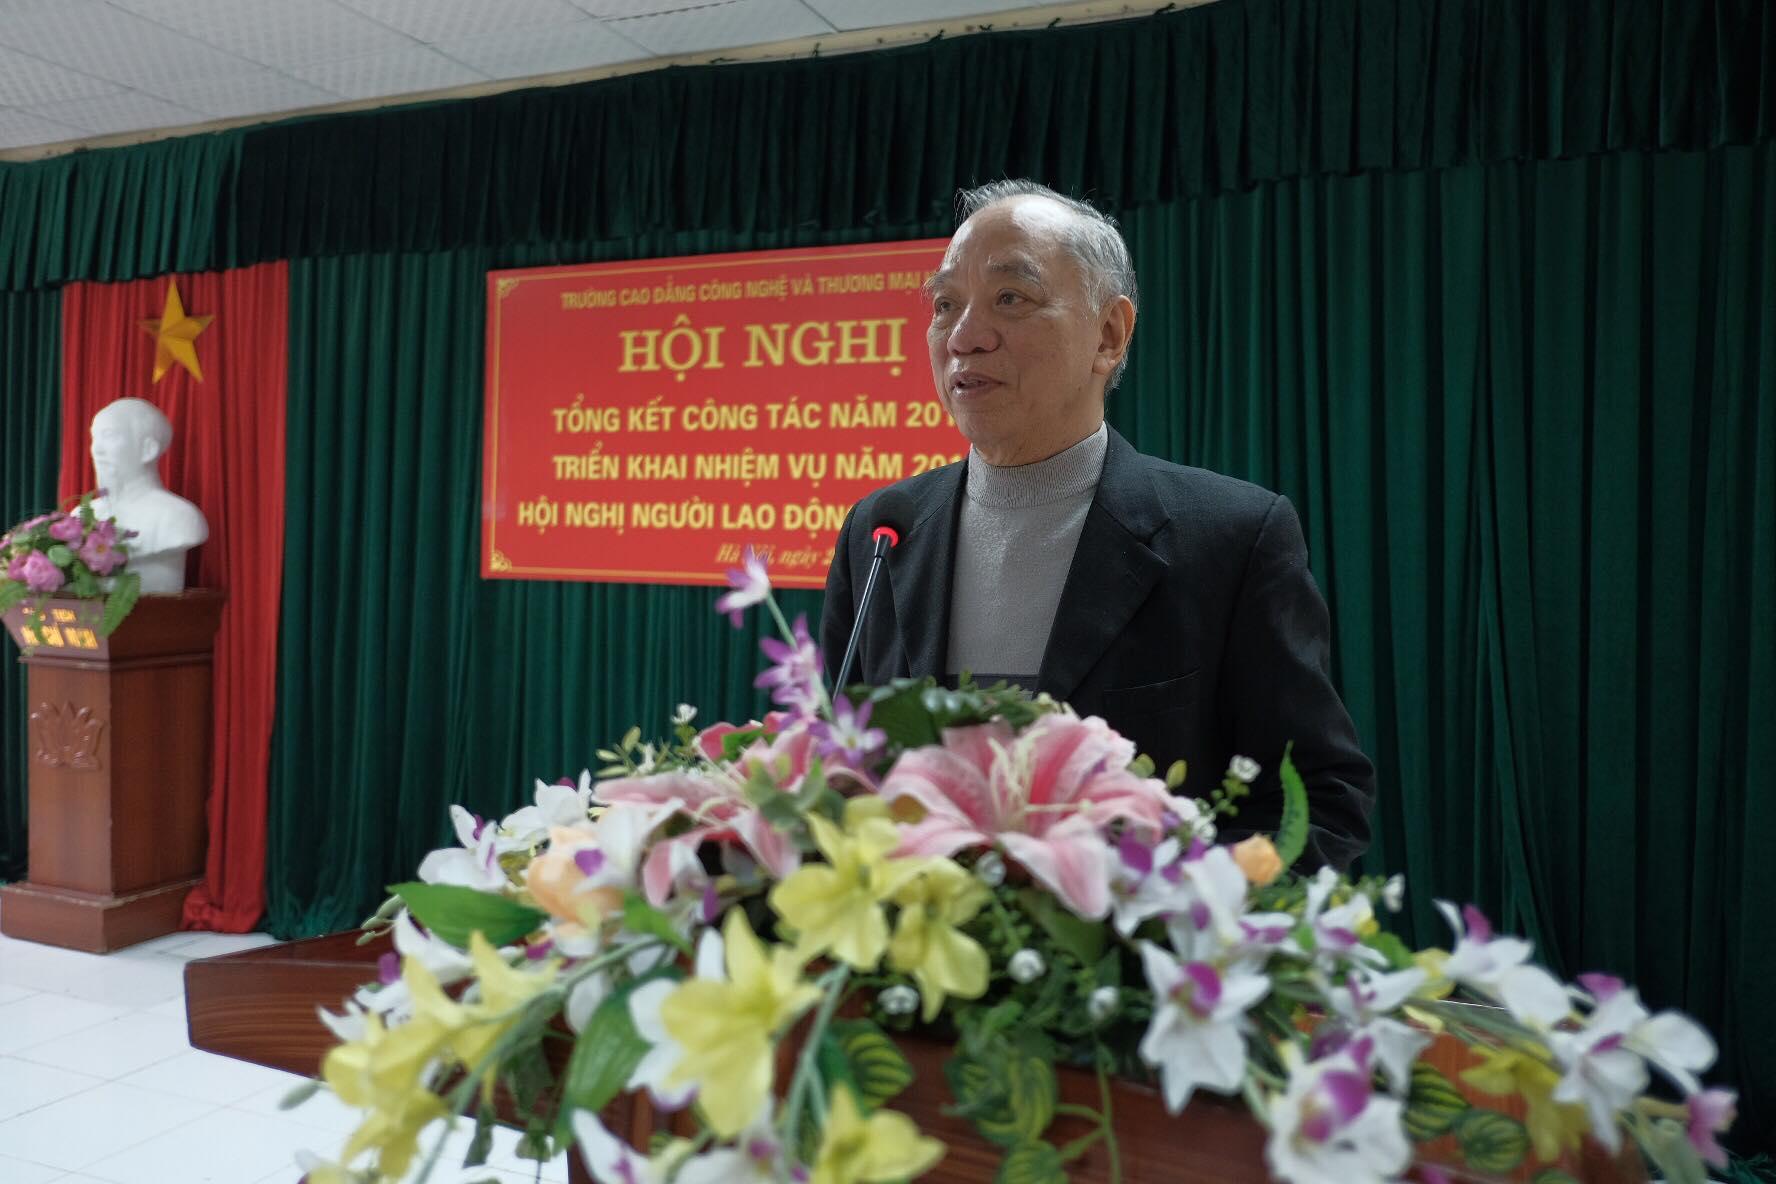 TS. Đoàn Xuân Viên - Phó chủ tịch thường trực Hội đồng QT phát biểu chỉ đạo